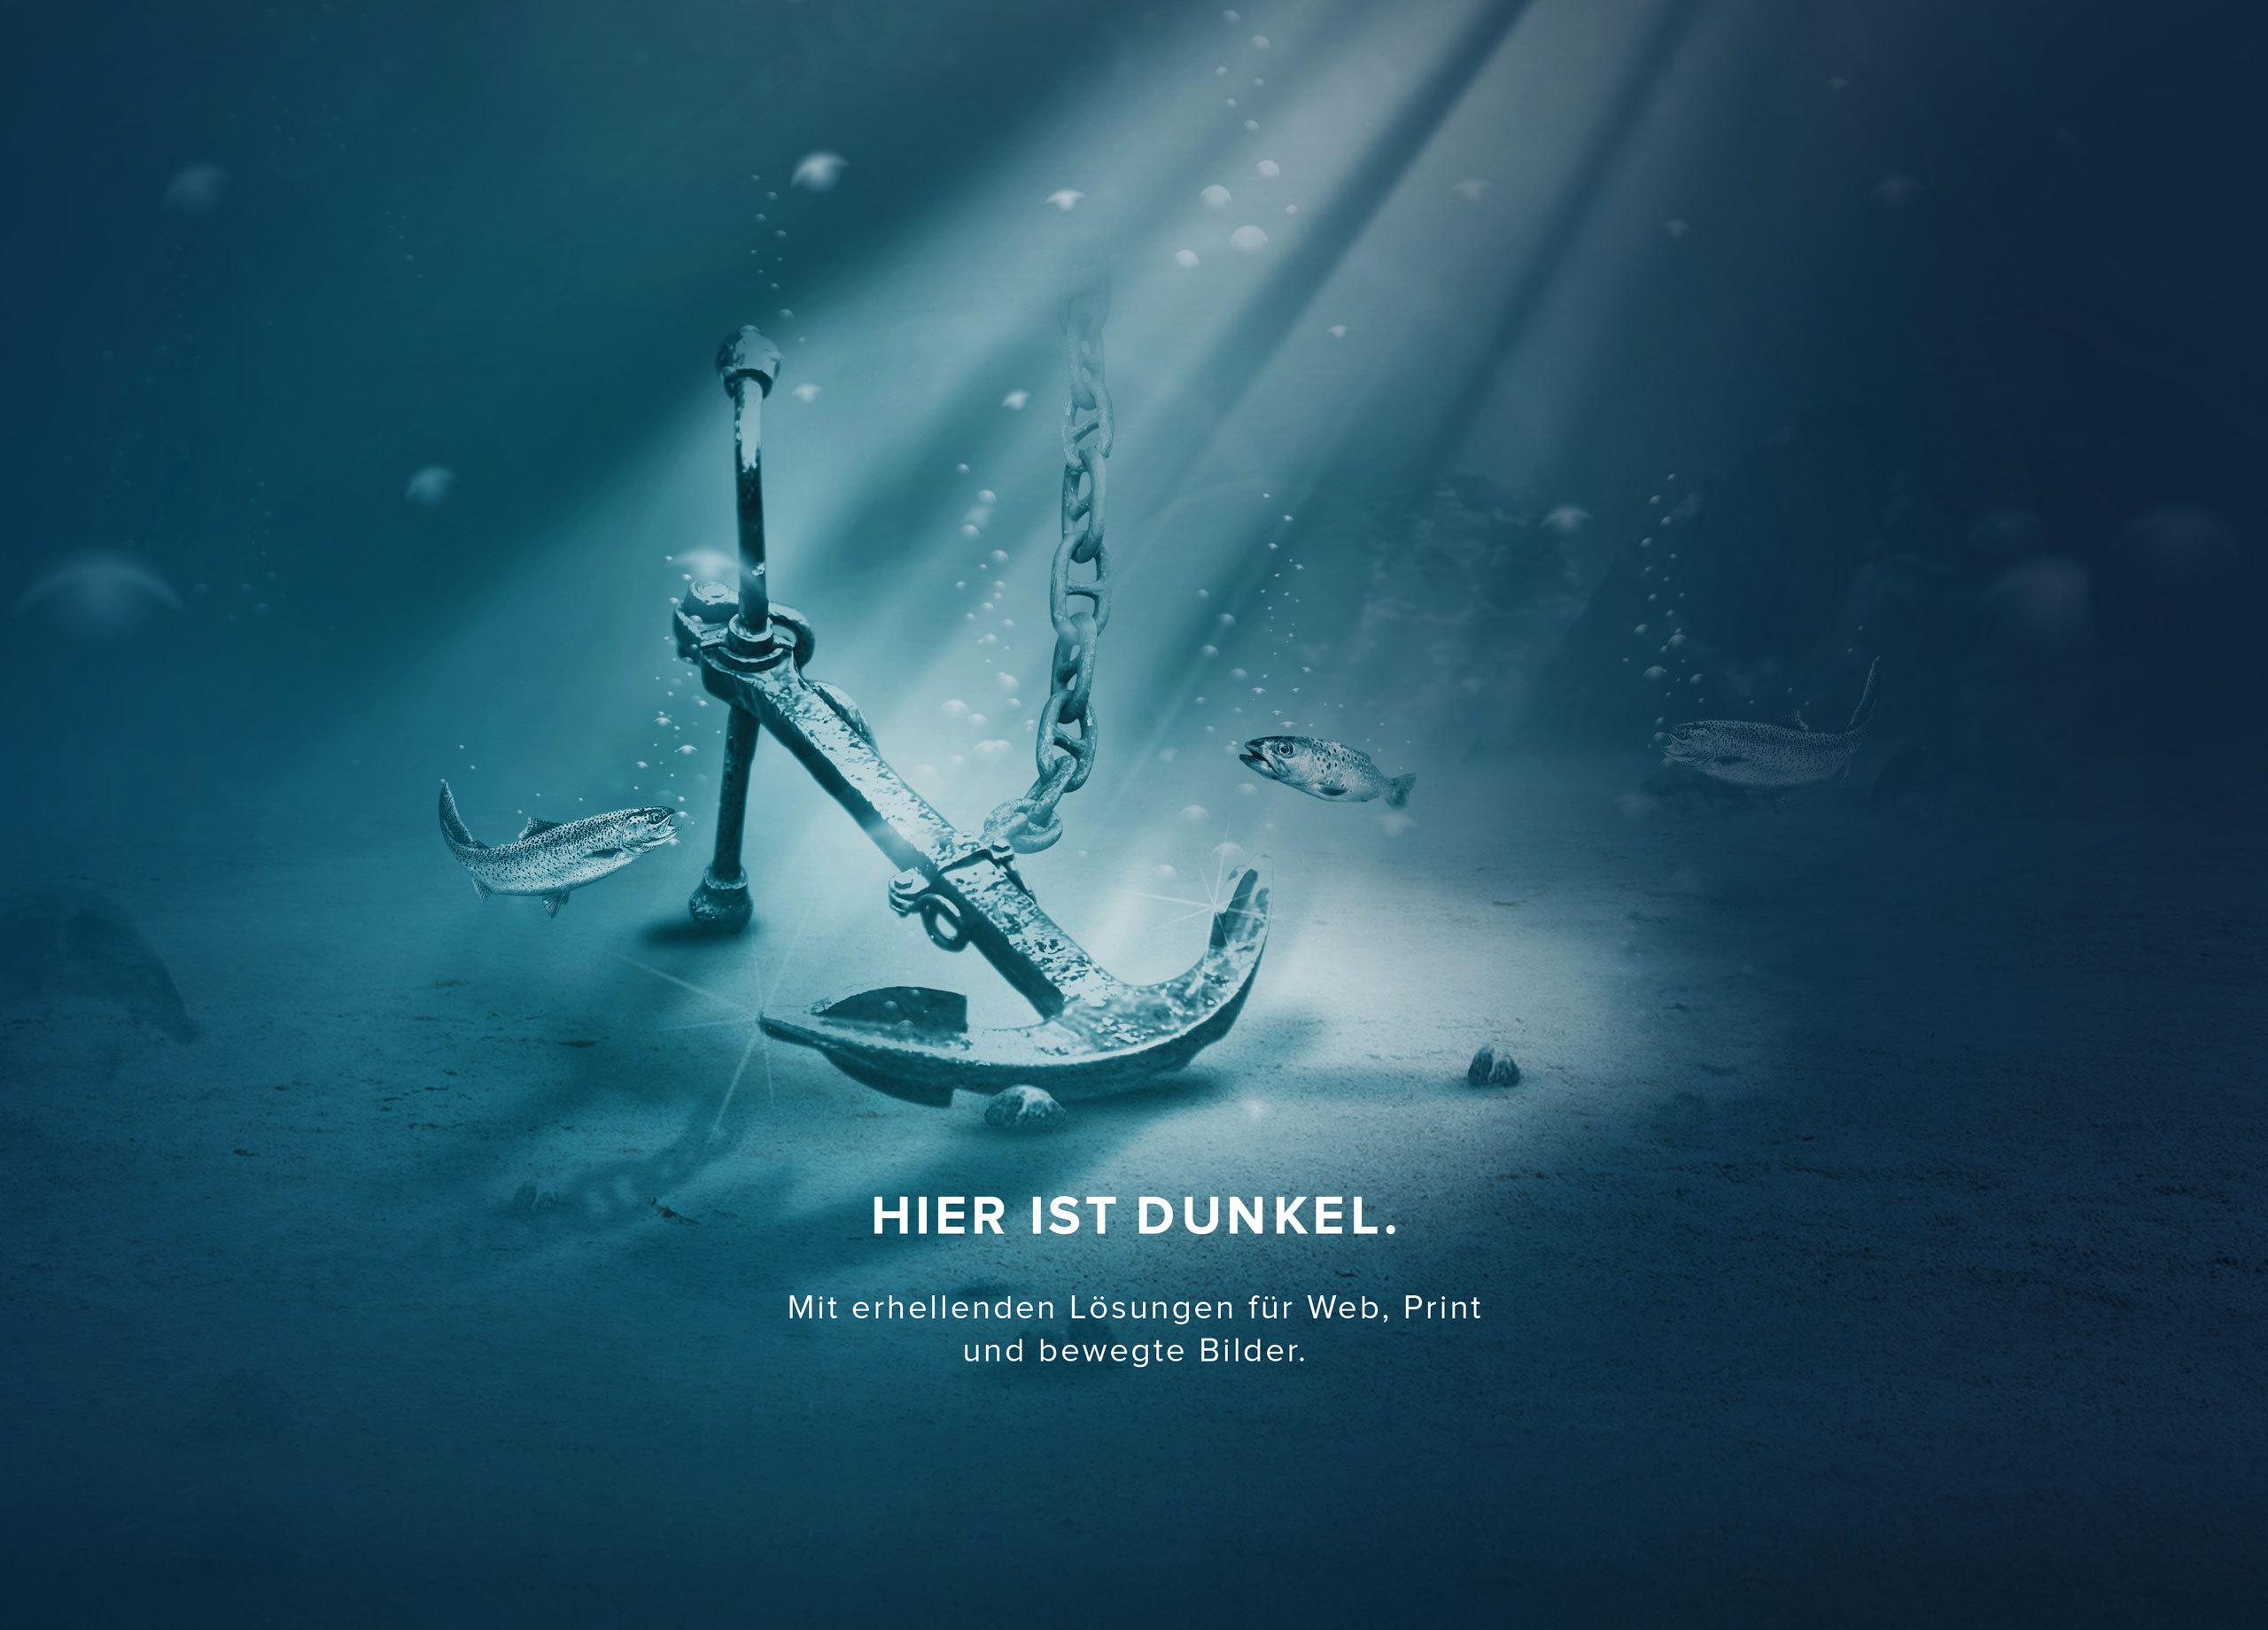 Dunkel Bildcomposings Anker MHG Bern